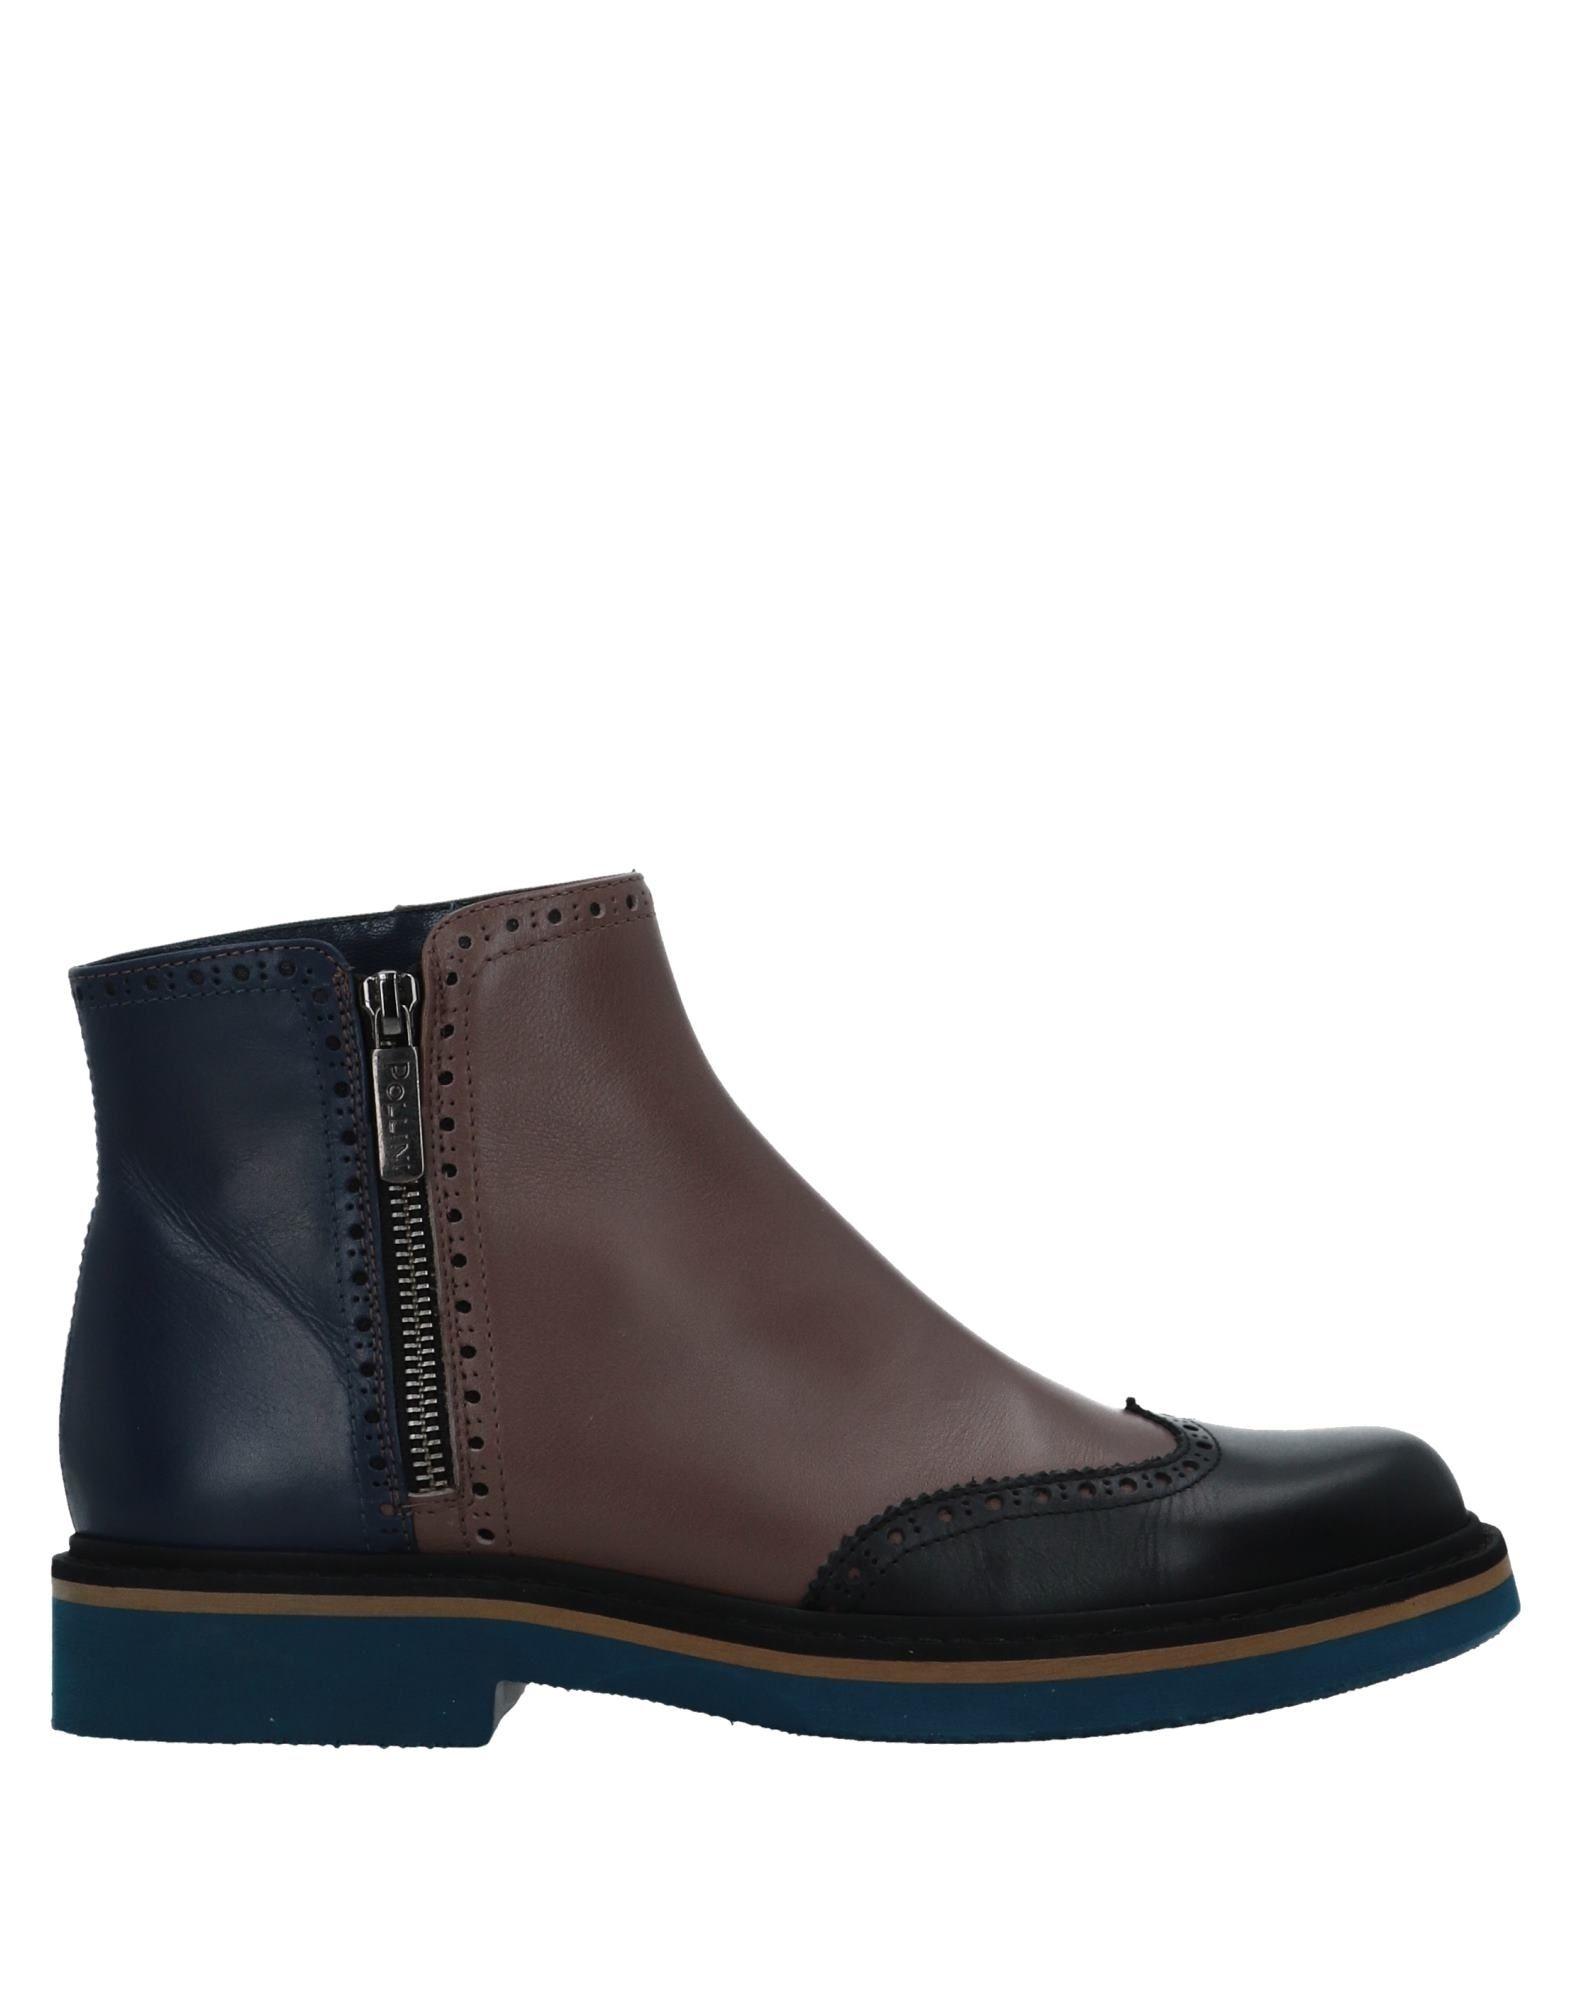 Pollini Stiefelette Damen  11535892TRGut aussehende strapazierfähige Schuhe